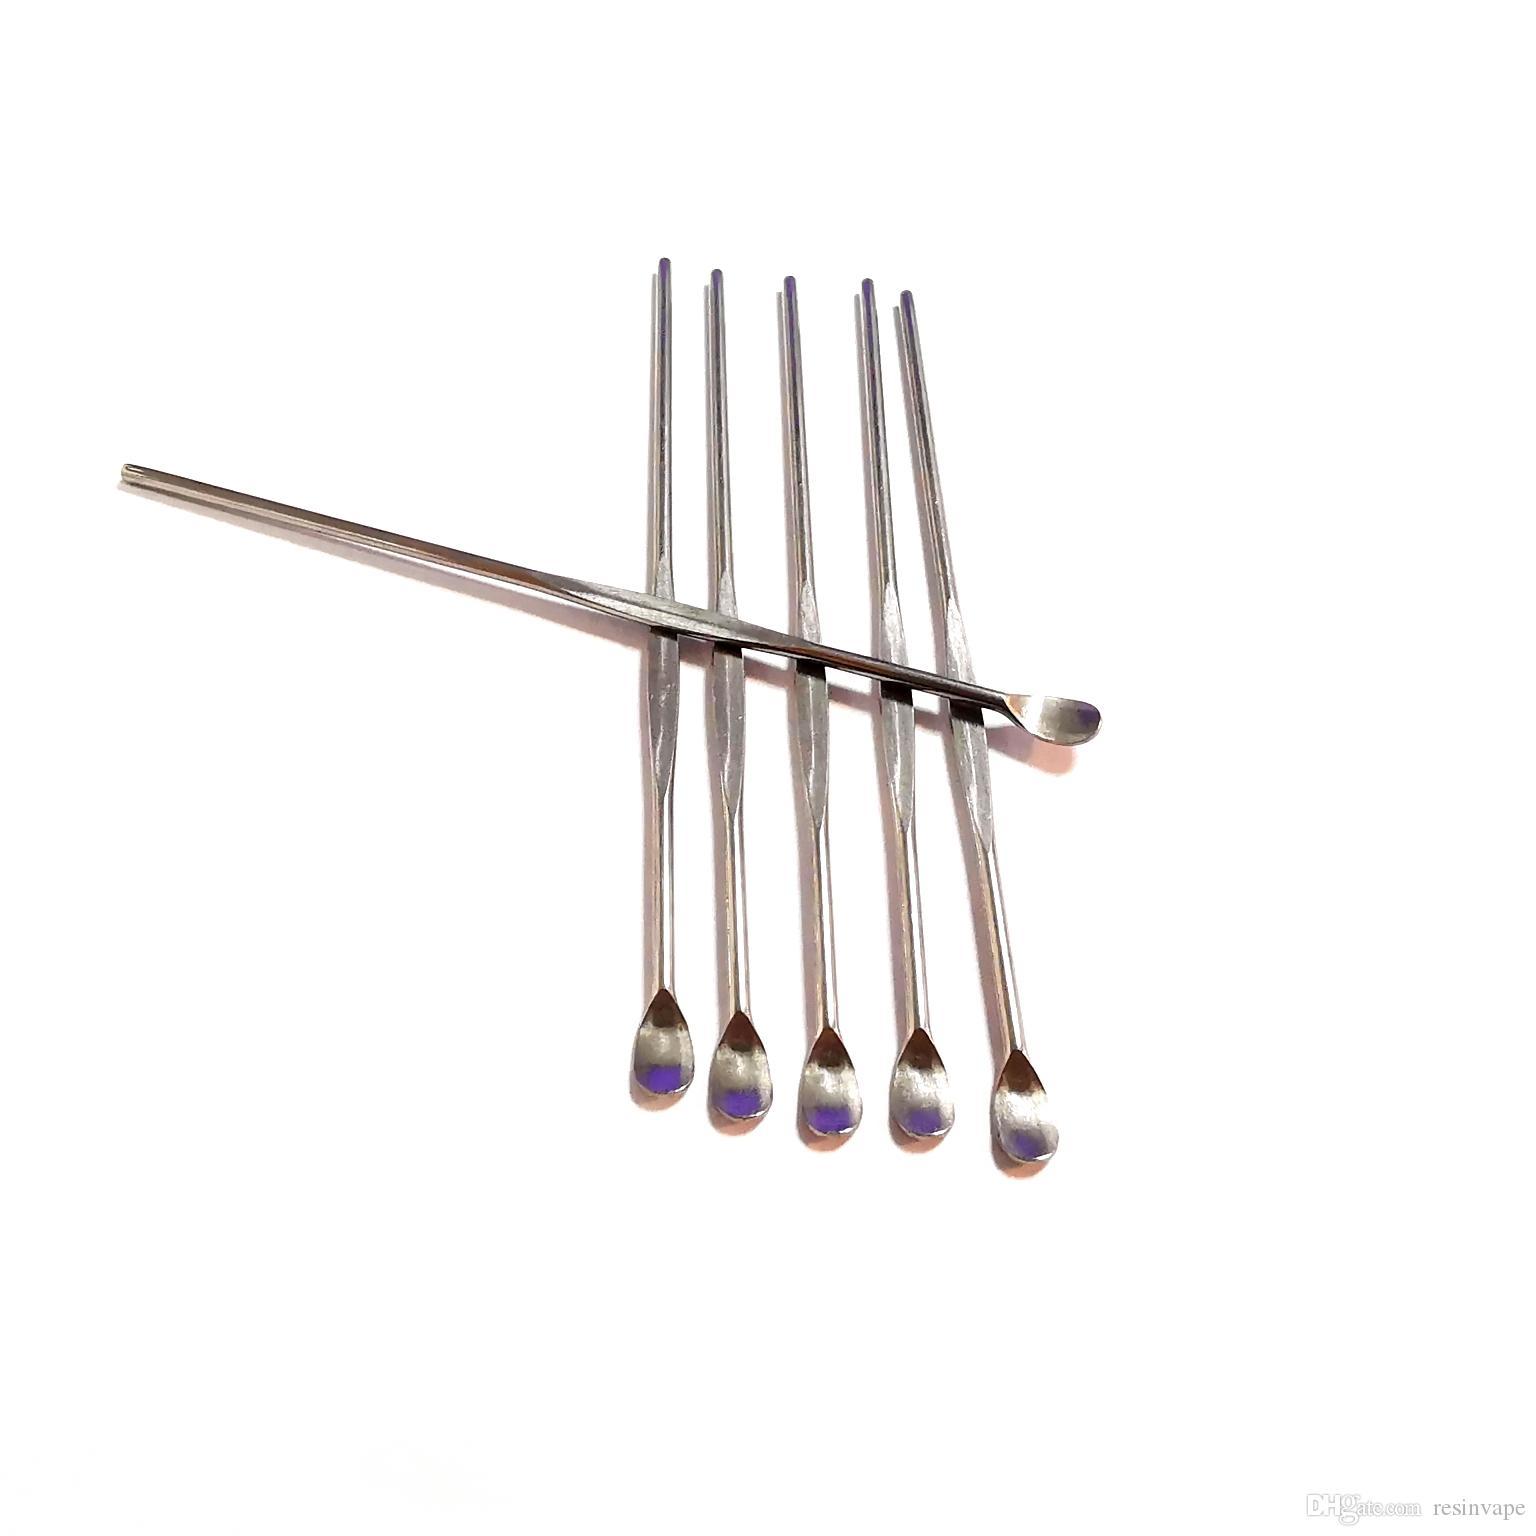 vape kalem silikon mat kap DHL Free kuru ot titanyum çivi için Ss 76mm DAB kavanoz sigara aracı atomizör balmumu gör dabber araçları